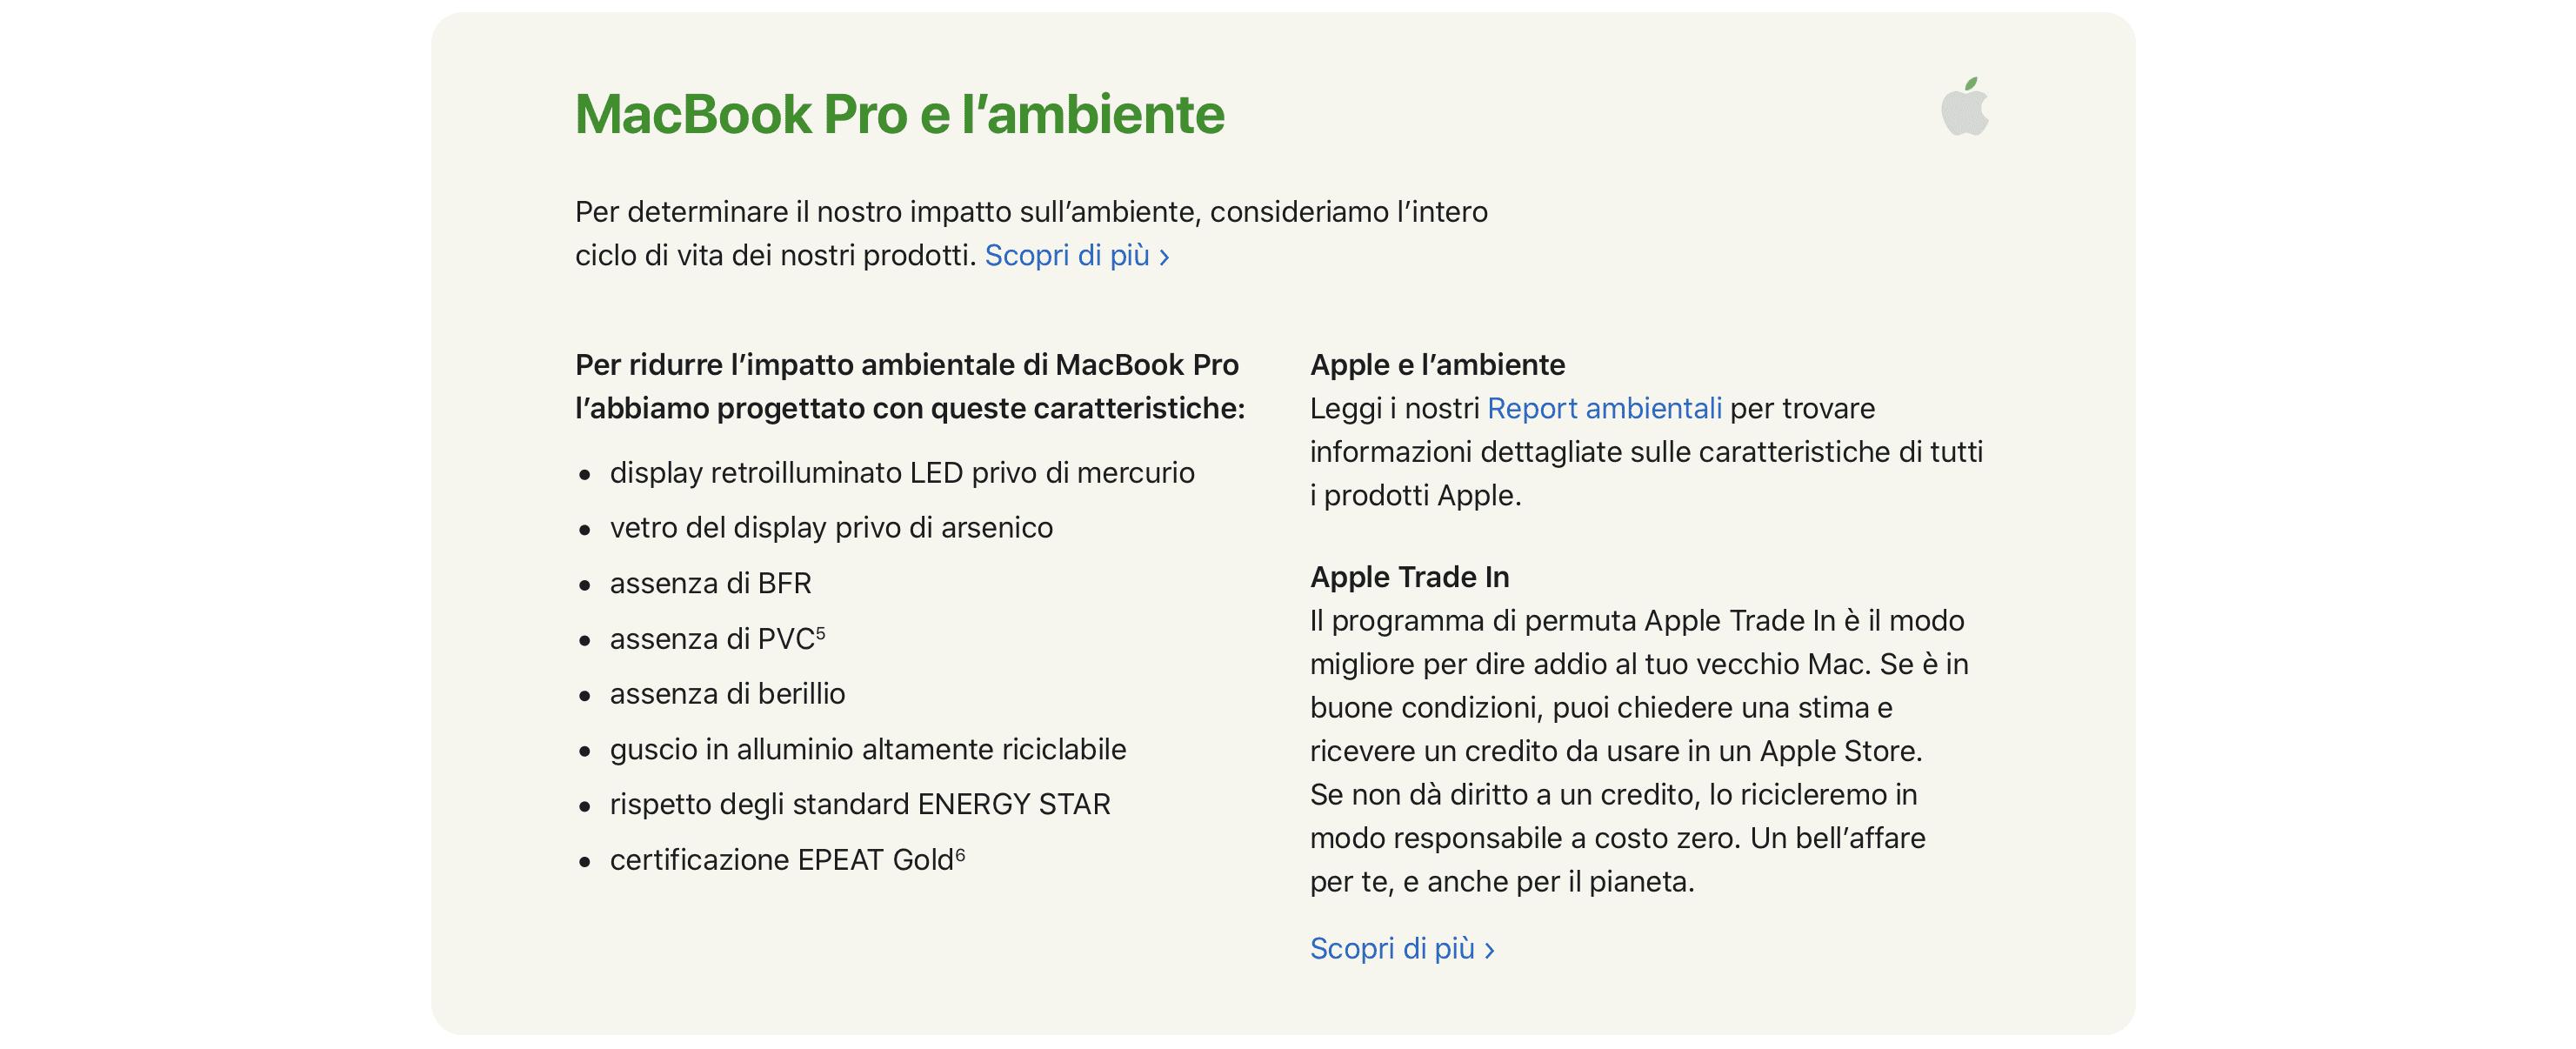 Apple ci mente con la storia dell'ambiente e degli alimentatori?